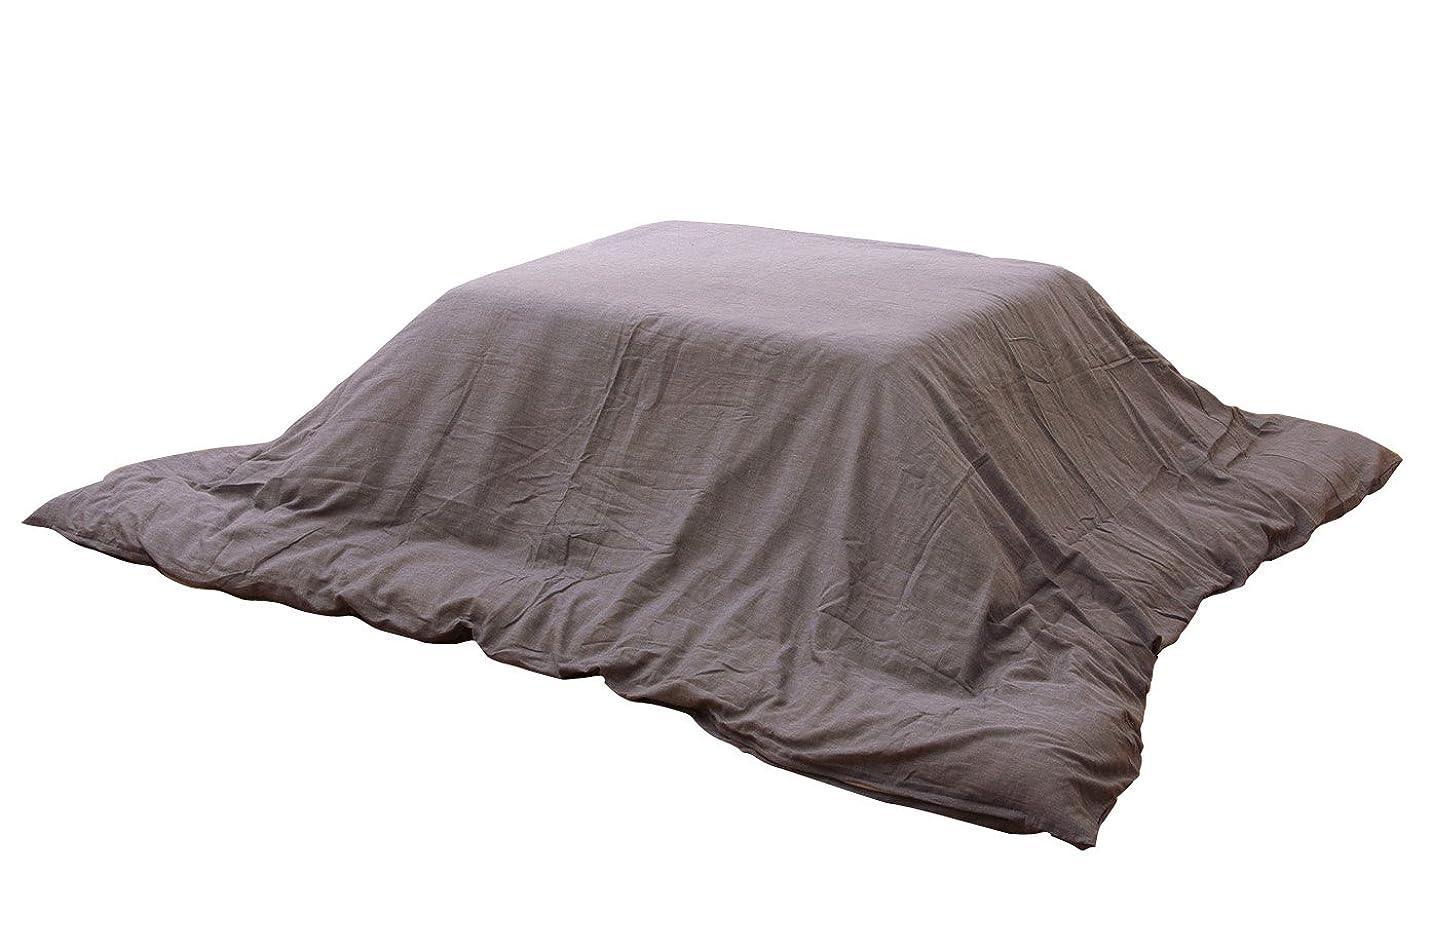 許される租界着替えるイケヒコ こたつ布団カバー 正方形 無地 『アトリエ カバー』 グレー 約195×195cm ファスナー付き